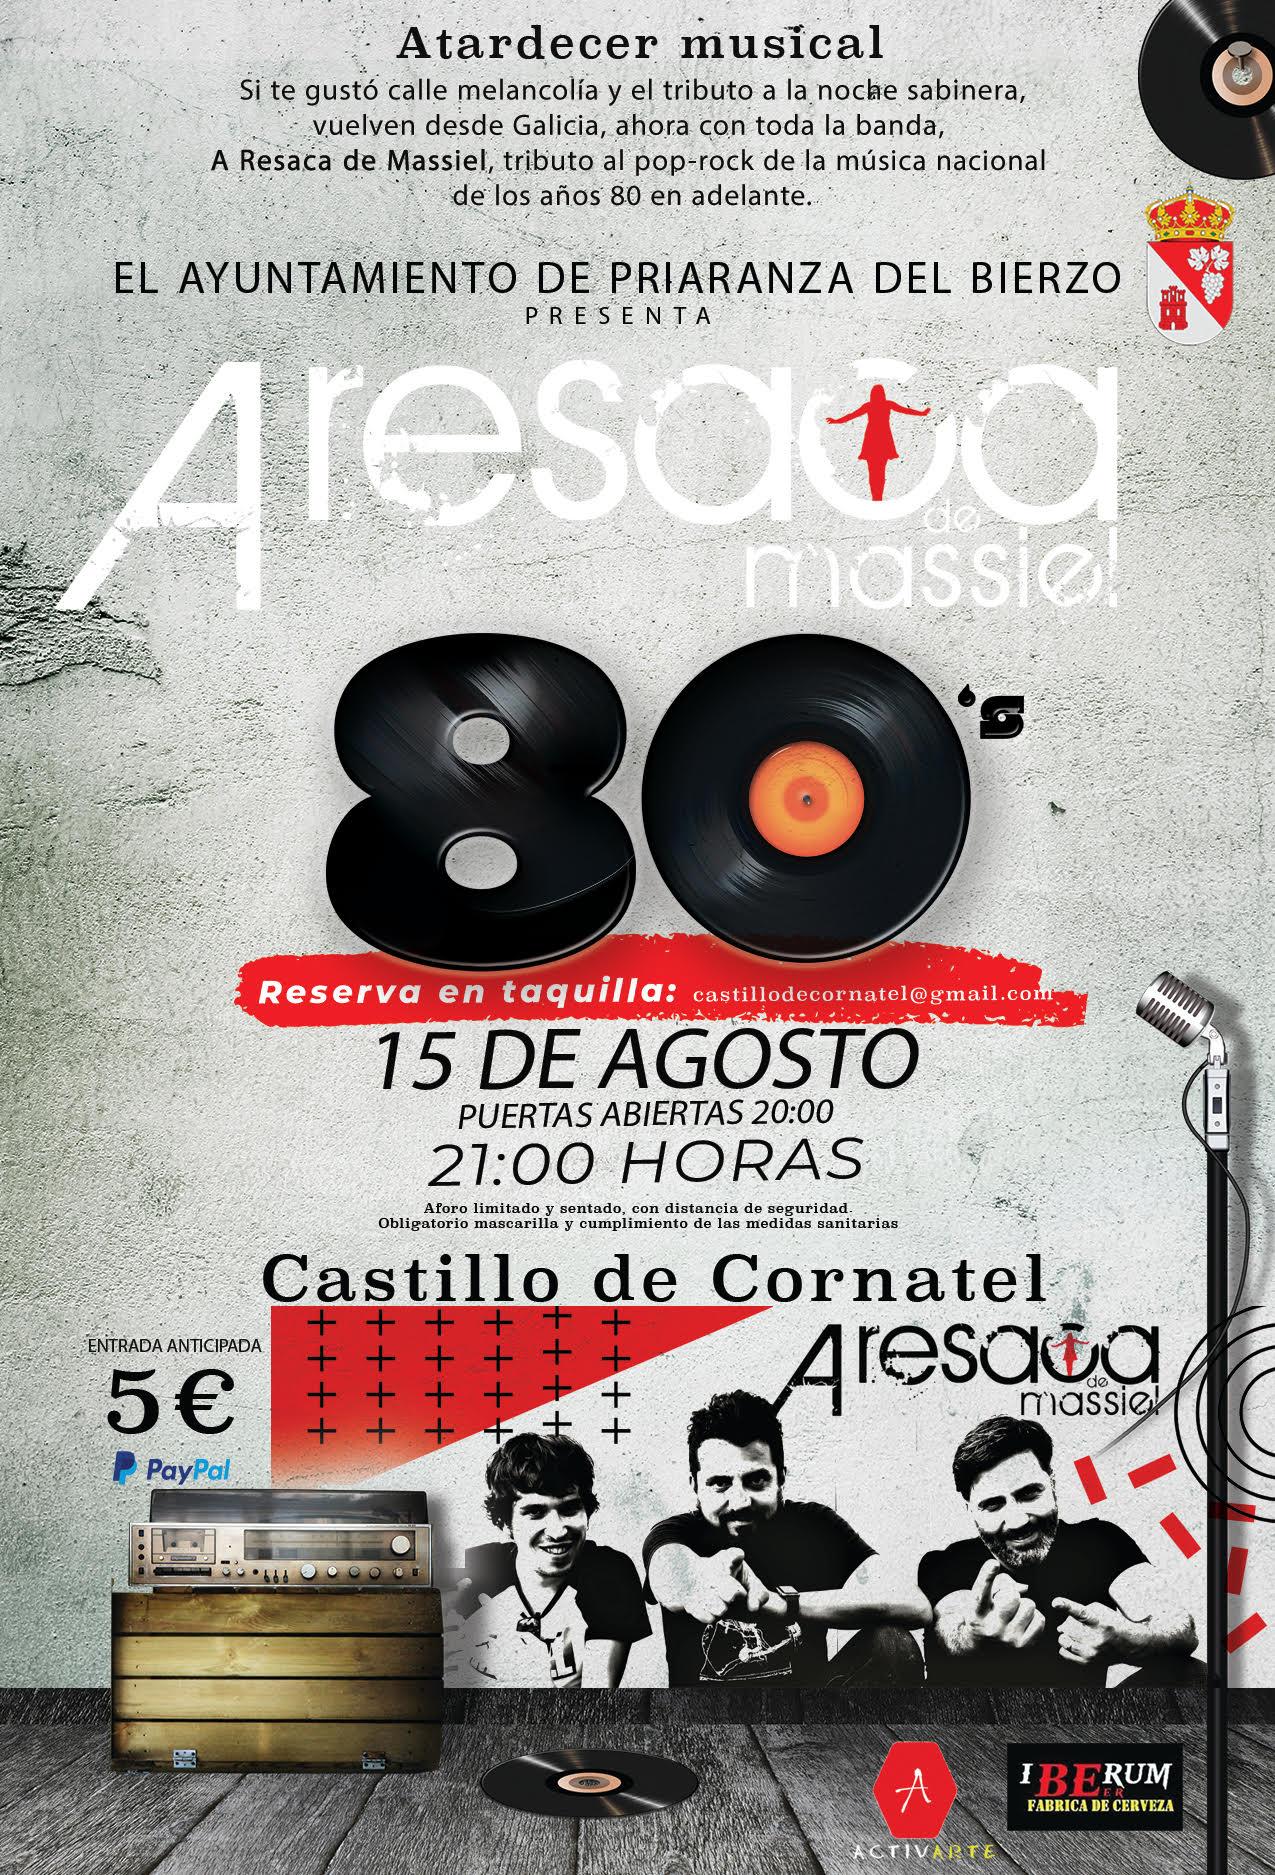 Humor y nostalgia en el concierto del sábado en el Castillo de Cornatel con 'A resaca de Massiel' 2